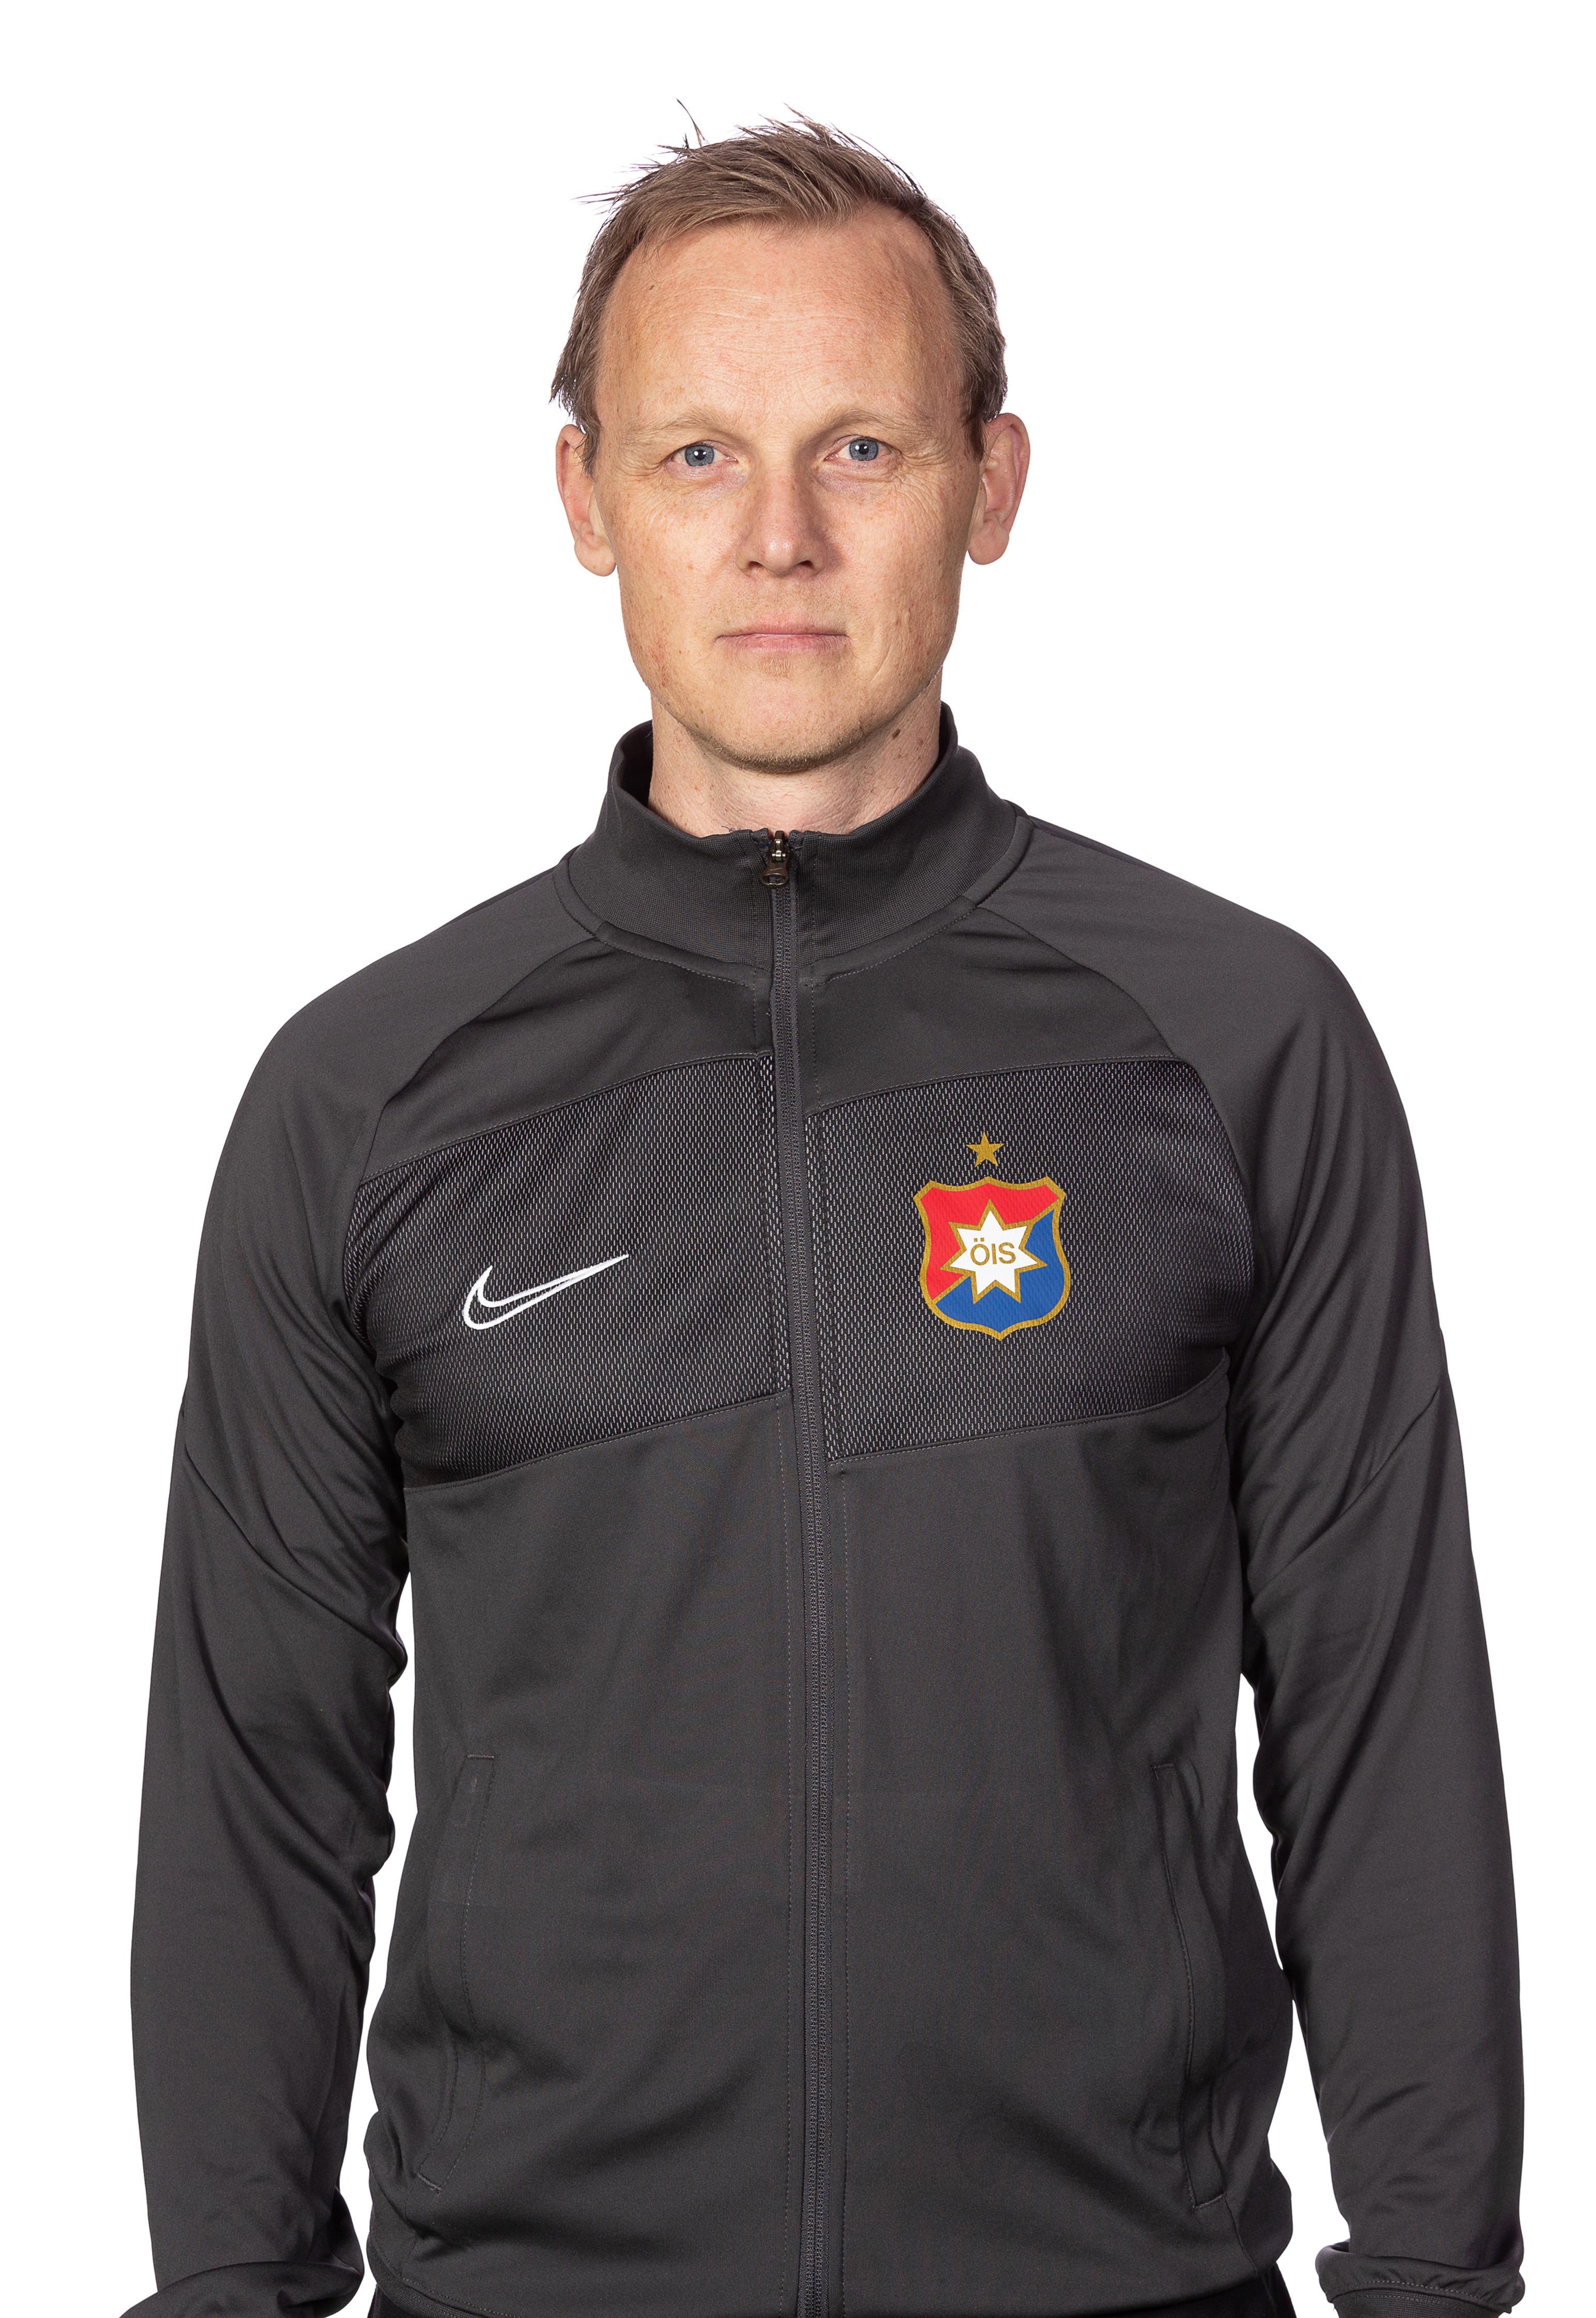 Roger Nordstrand